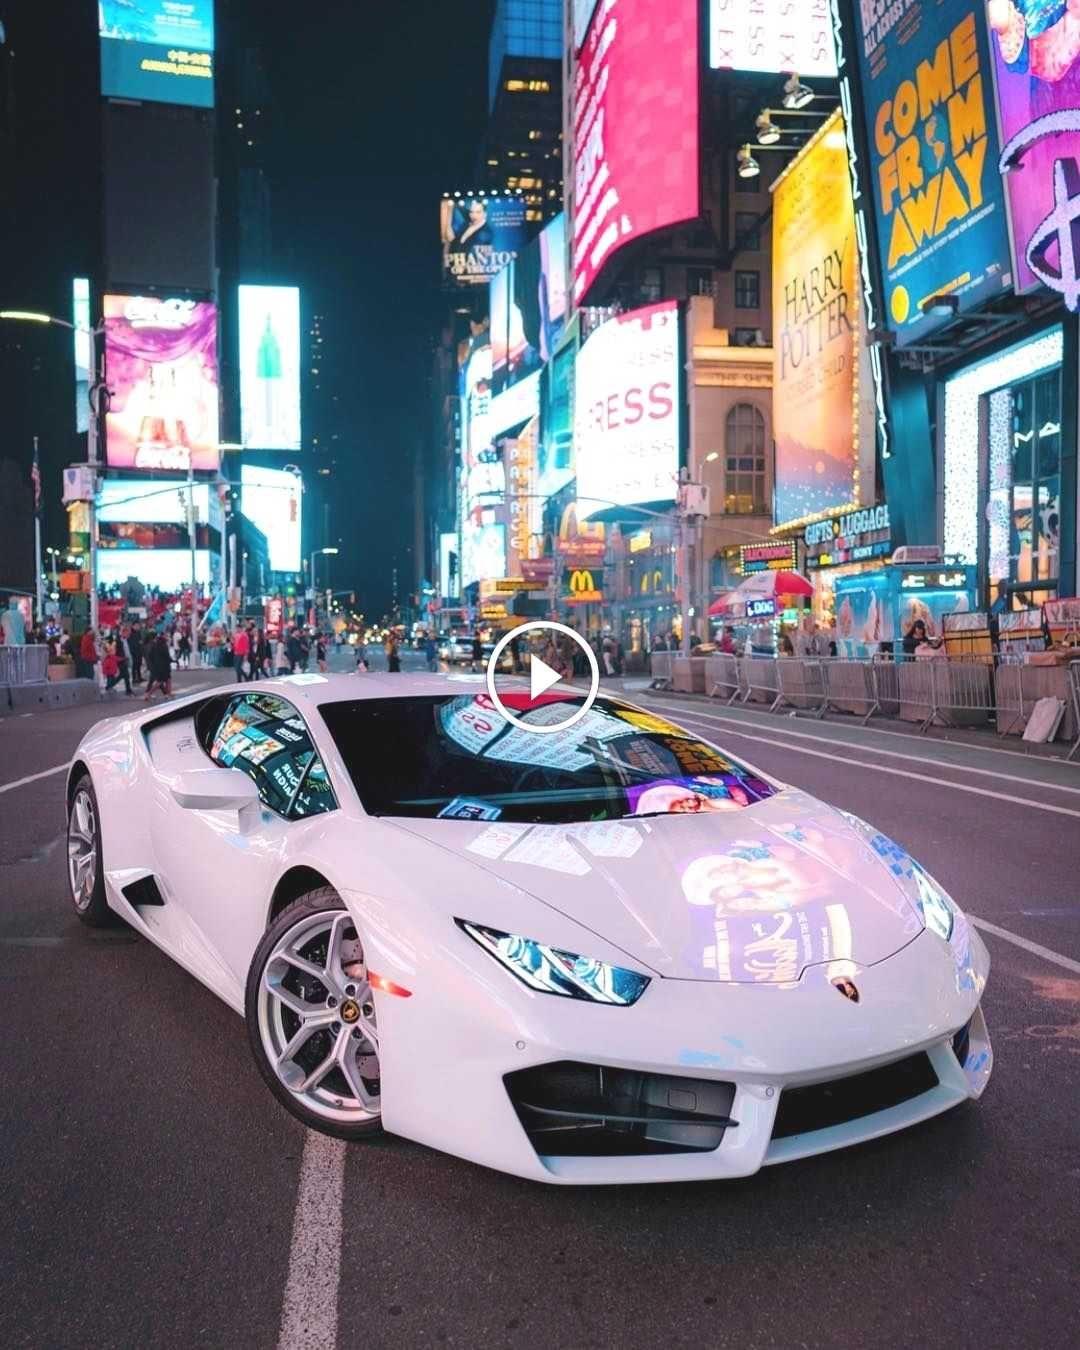 Polubienia: 13.1 tys., komentarze: 116 – Cars Polubienia: 13.1 tys., komentarze: 116 – Cars | S